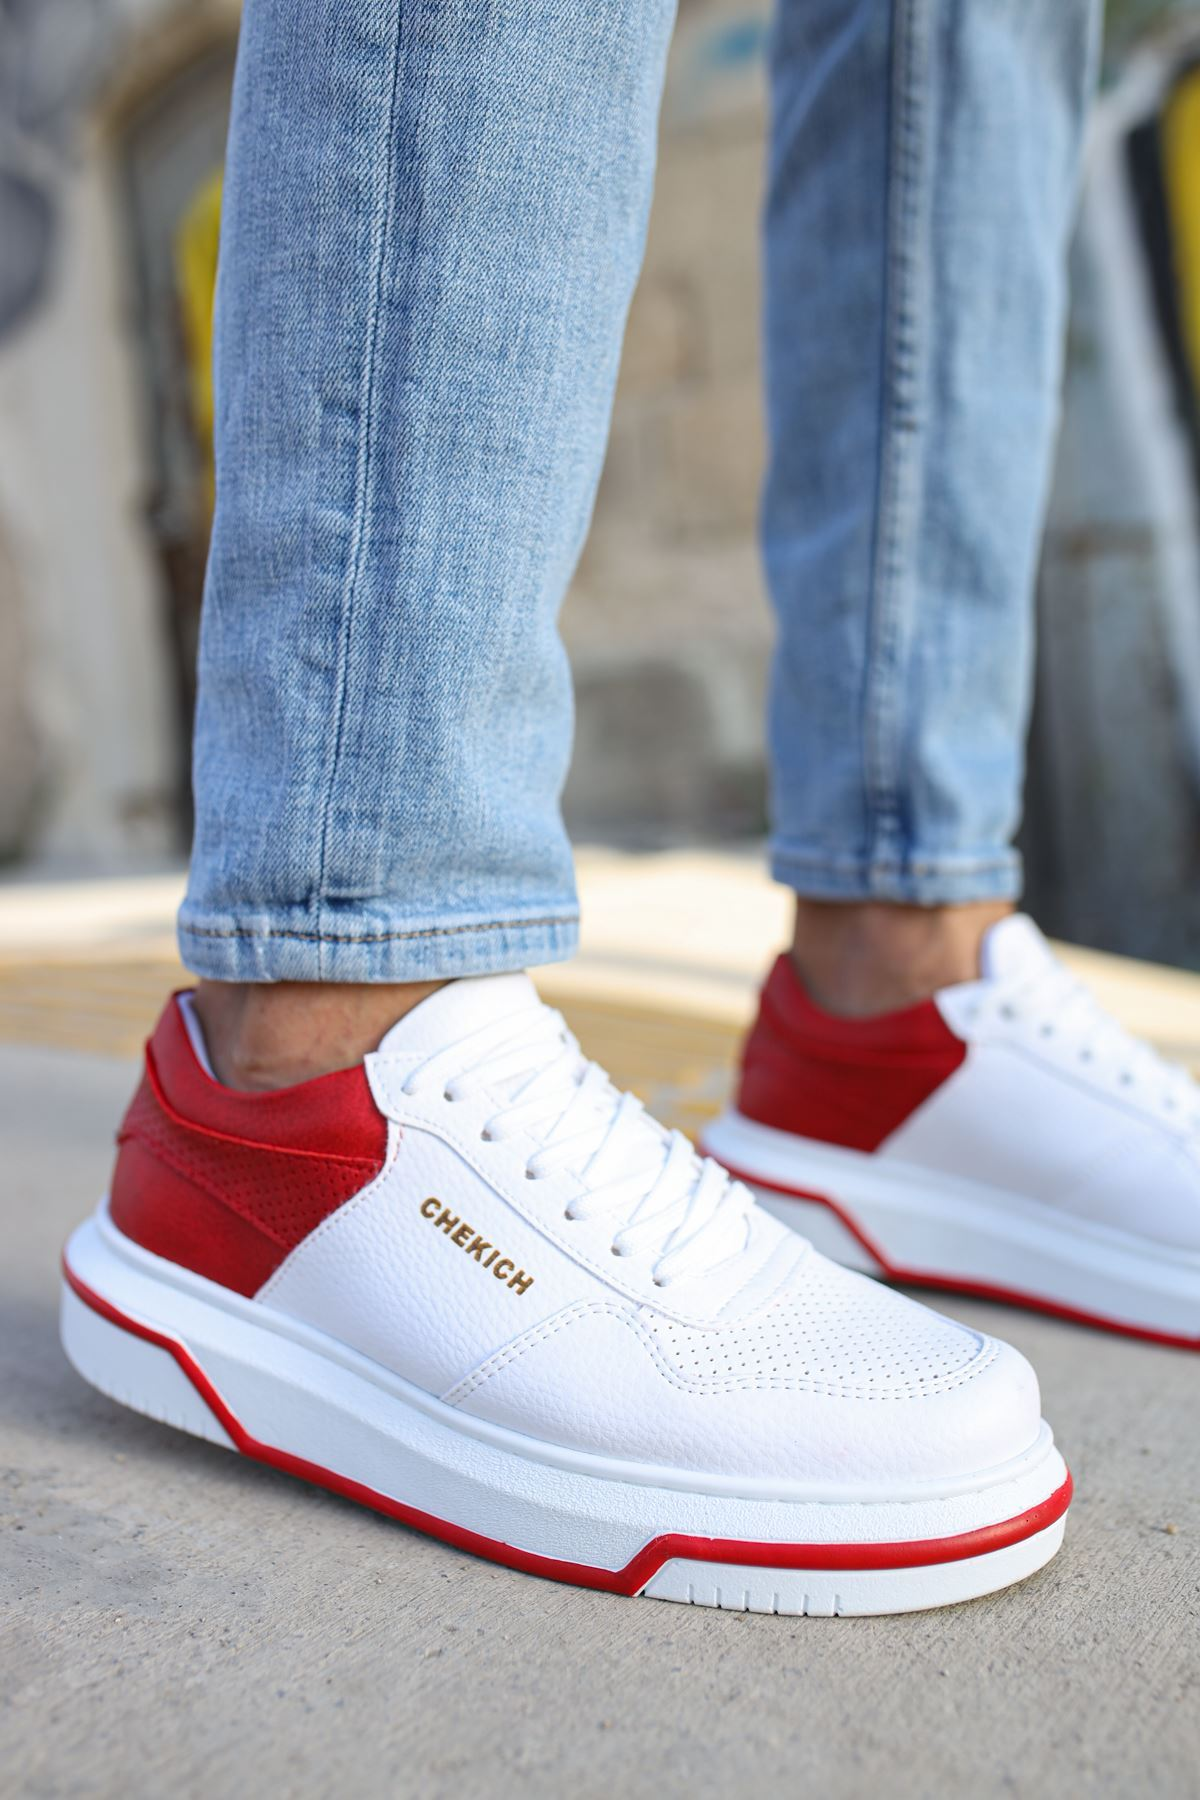 Chekich CH075 Beyaz Taban Erkek Ayakkabı BEYAZ / KIRMIZI